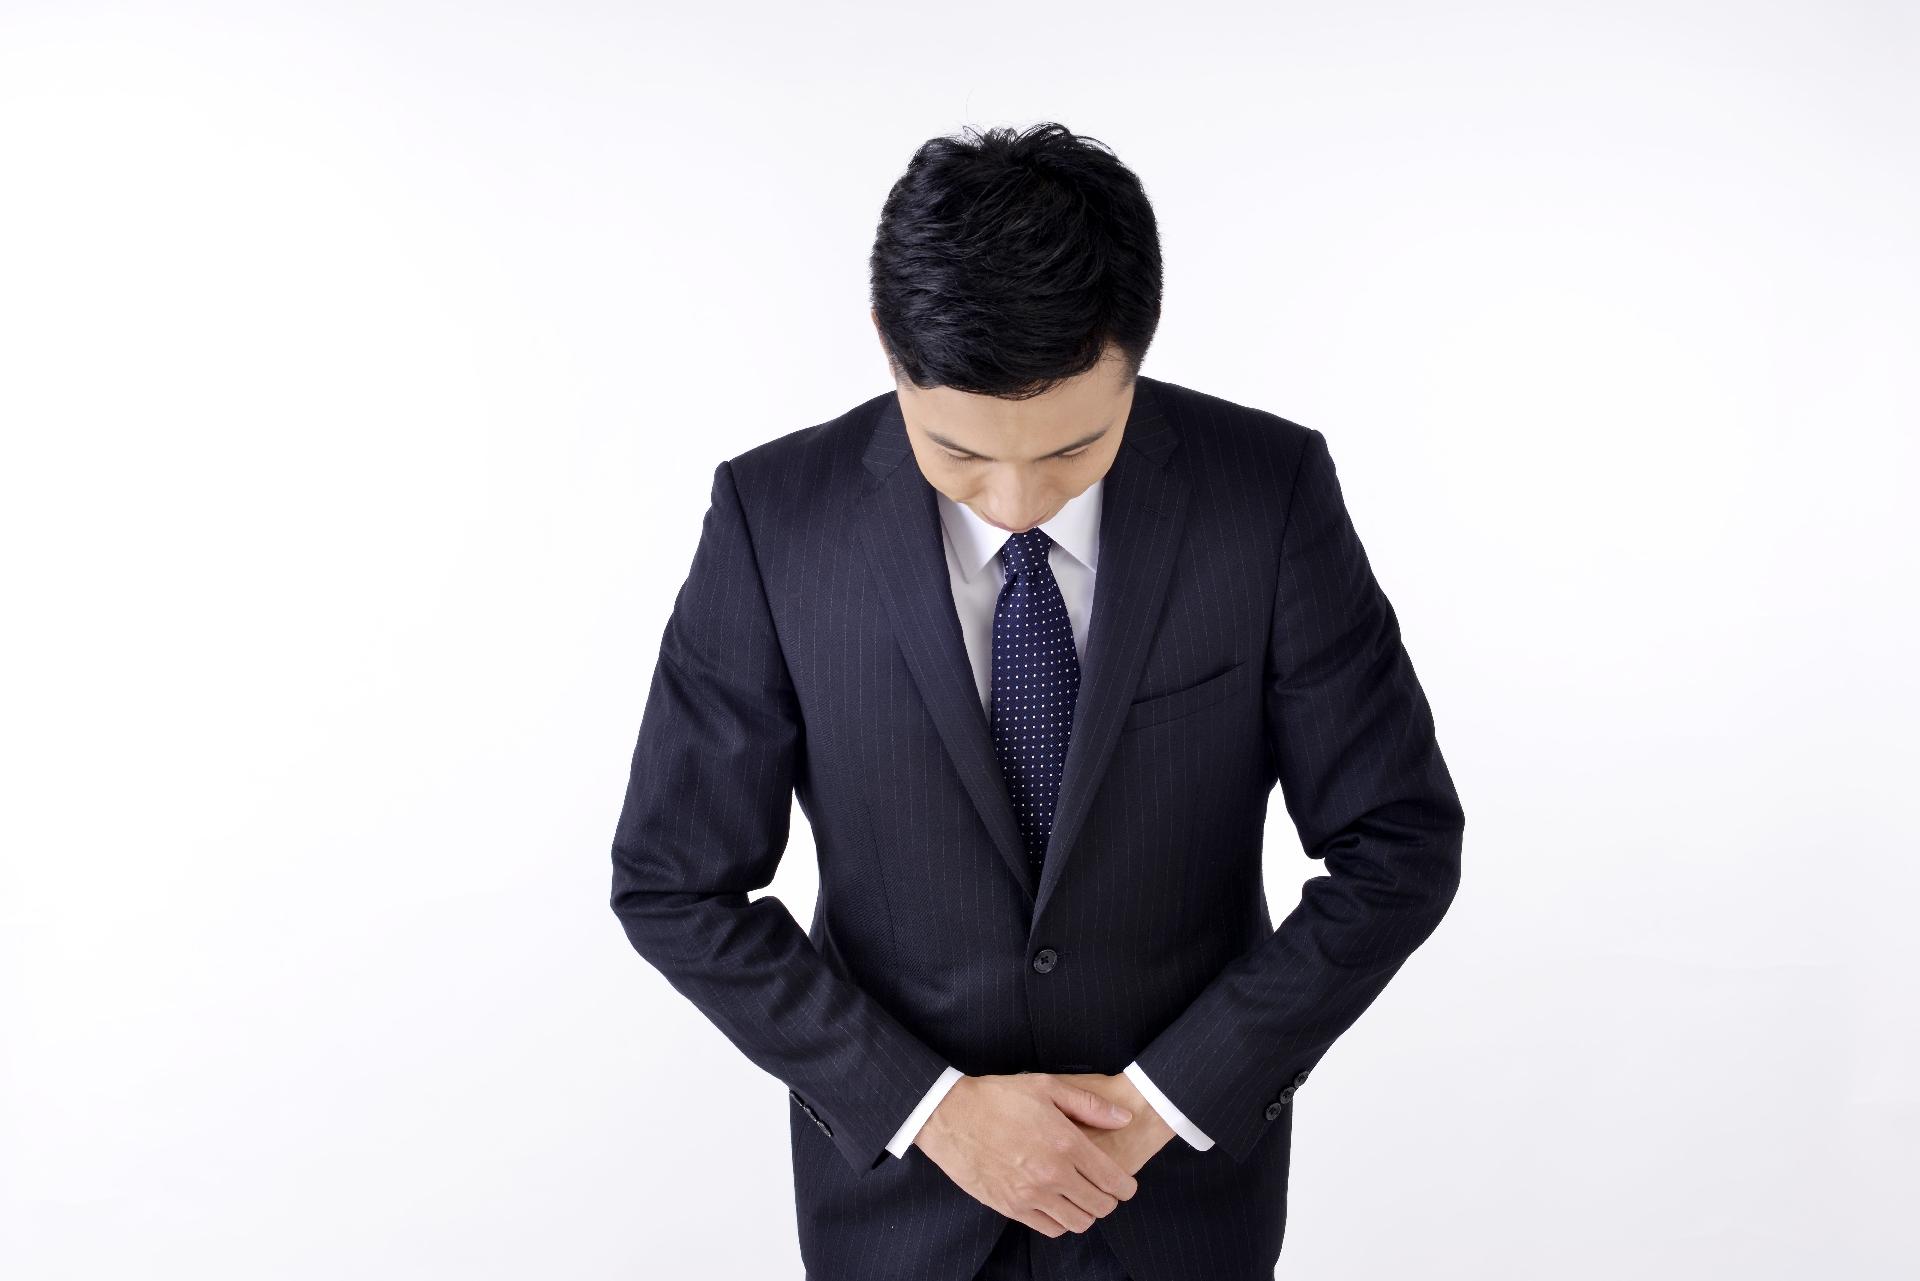 新盆の喪主や施主の挨拶はどうする?挨拶文と文例